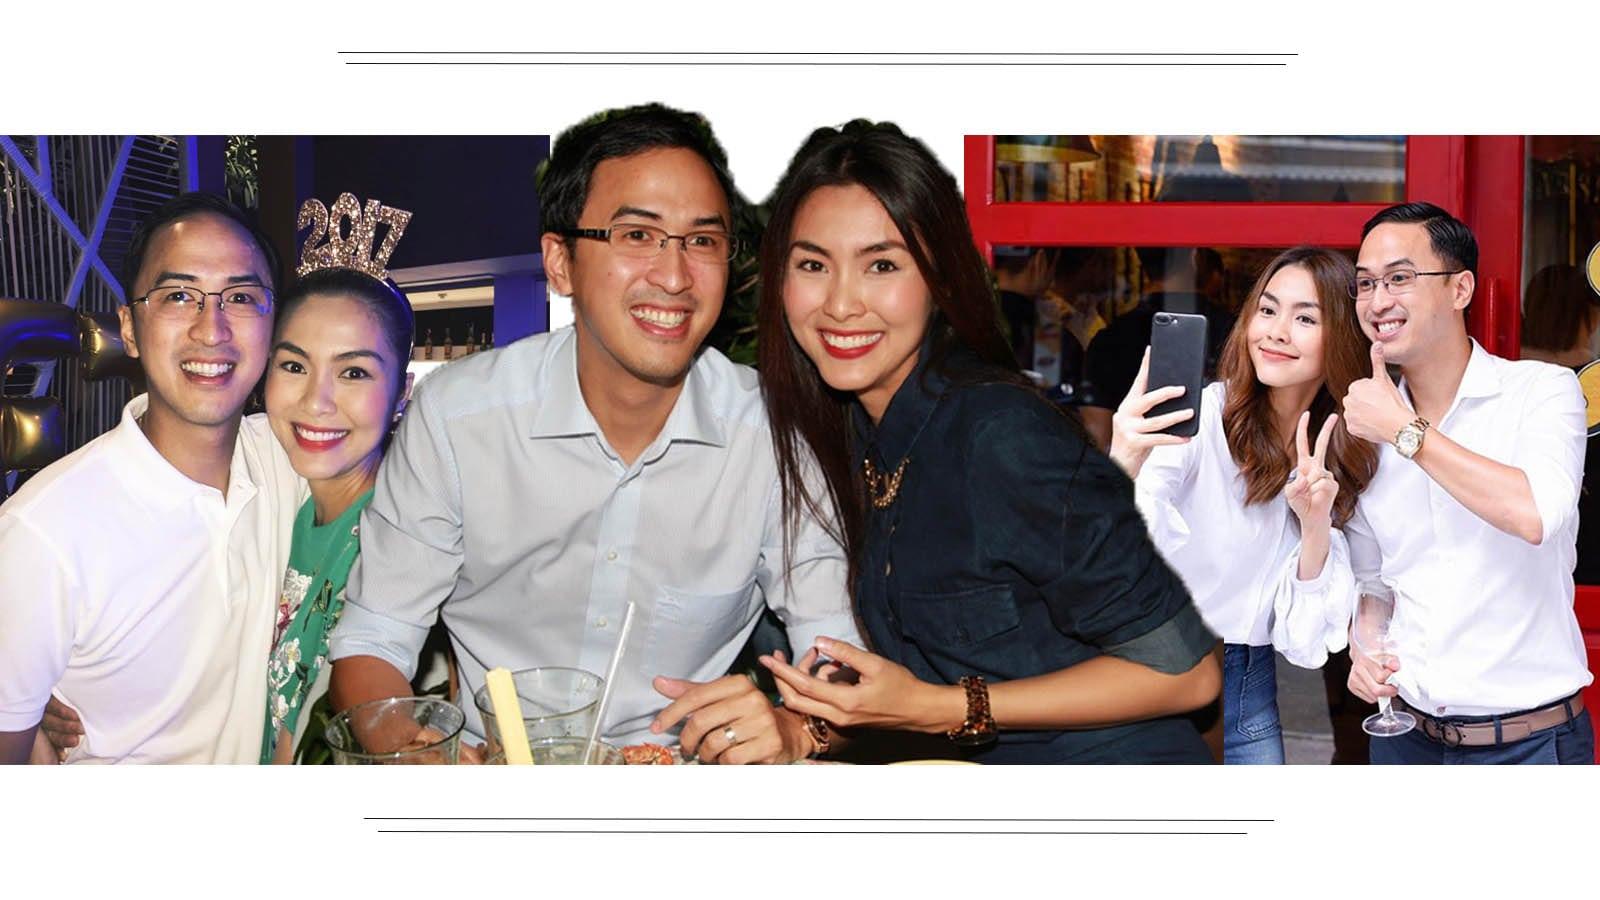 """Những mỹ nhân tên """"Hà"""" chưa chịu ngừng hot của showbiz Việt - Ảnh 7"""